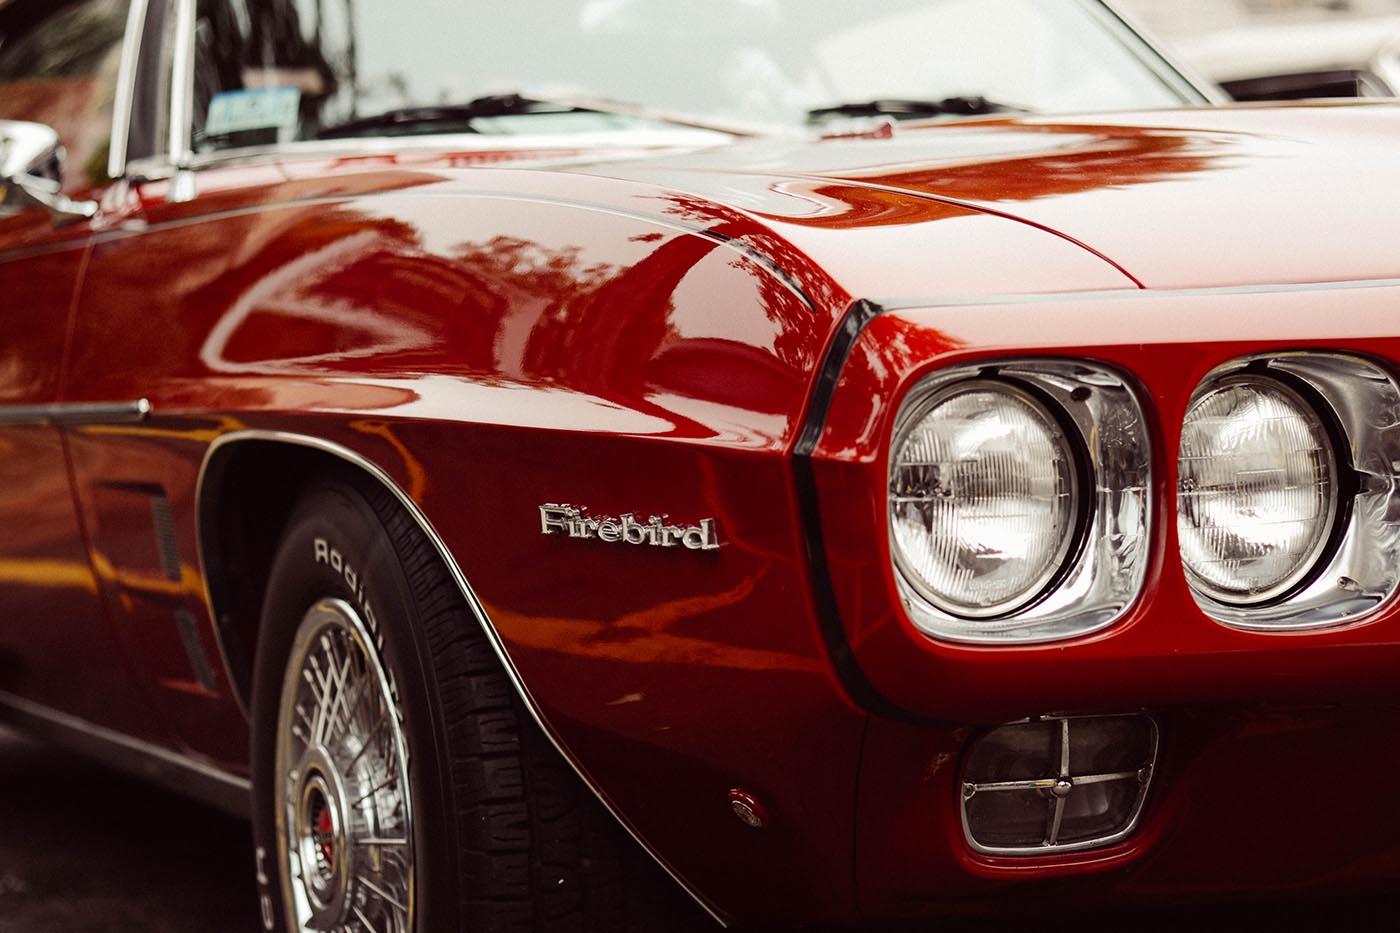 Close up of Firebird car